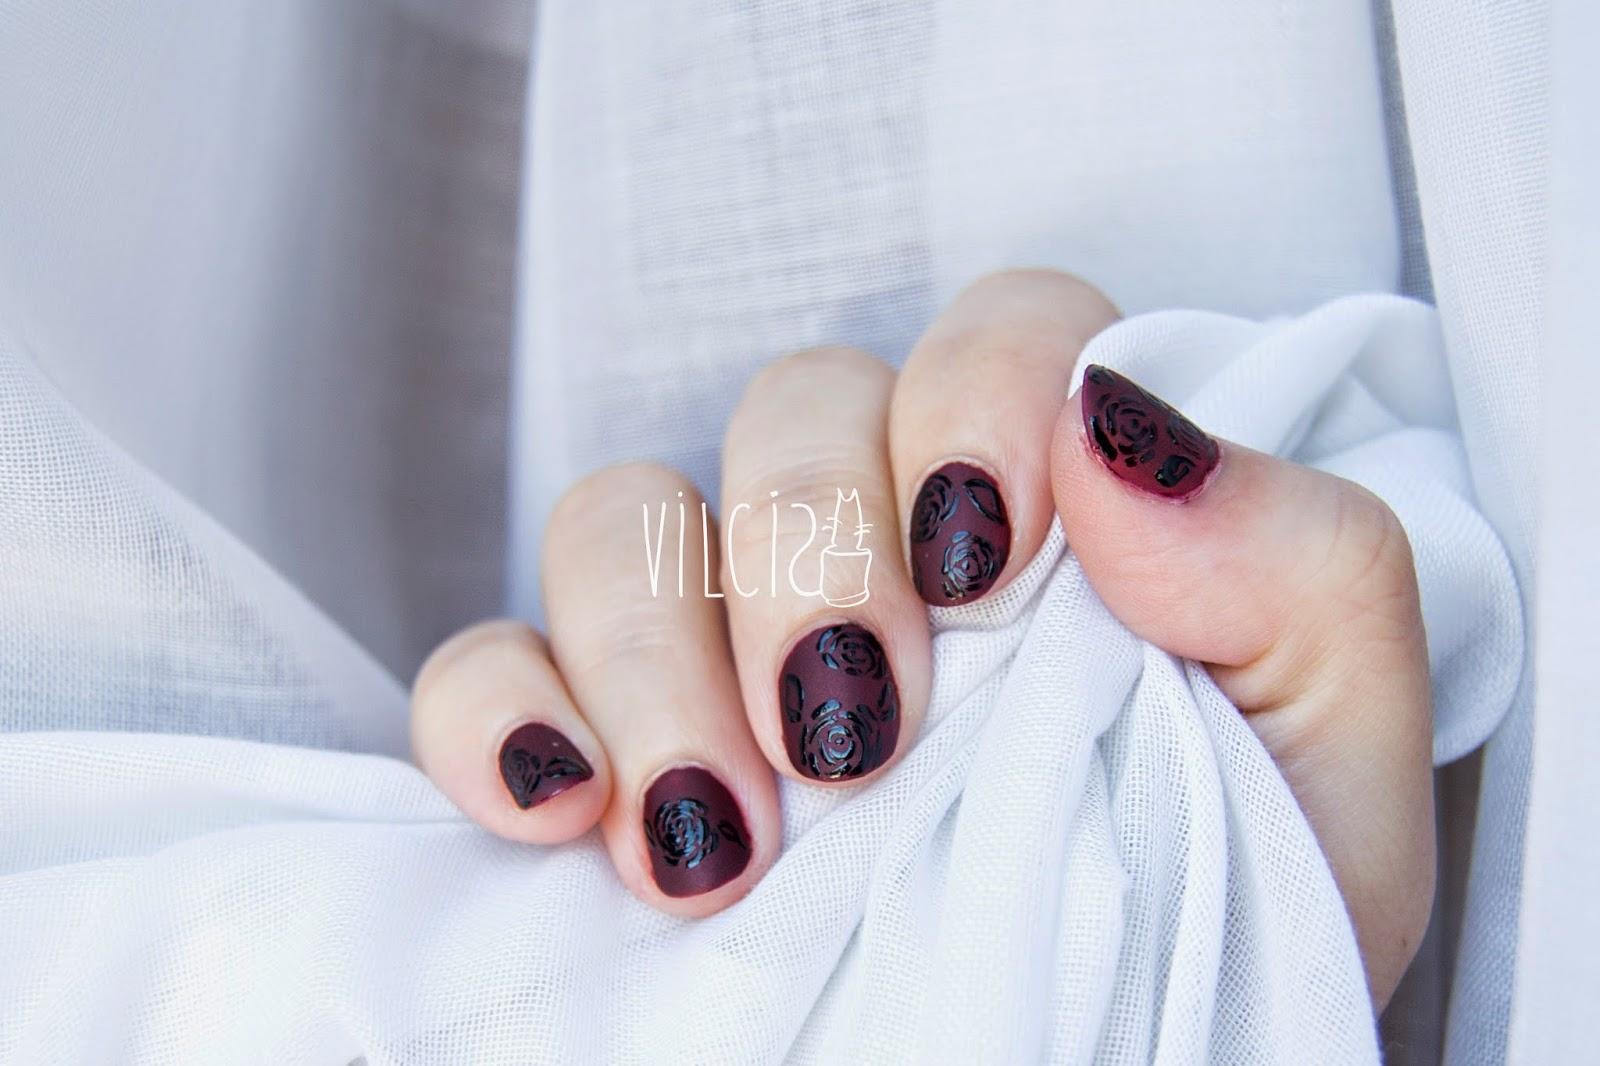 Rosa Negra Facebook - Imagenes De Rosas Negras Goticas